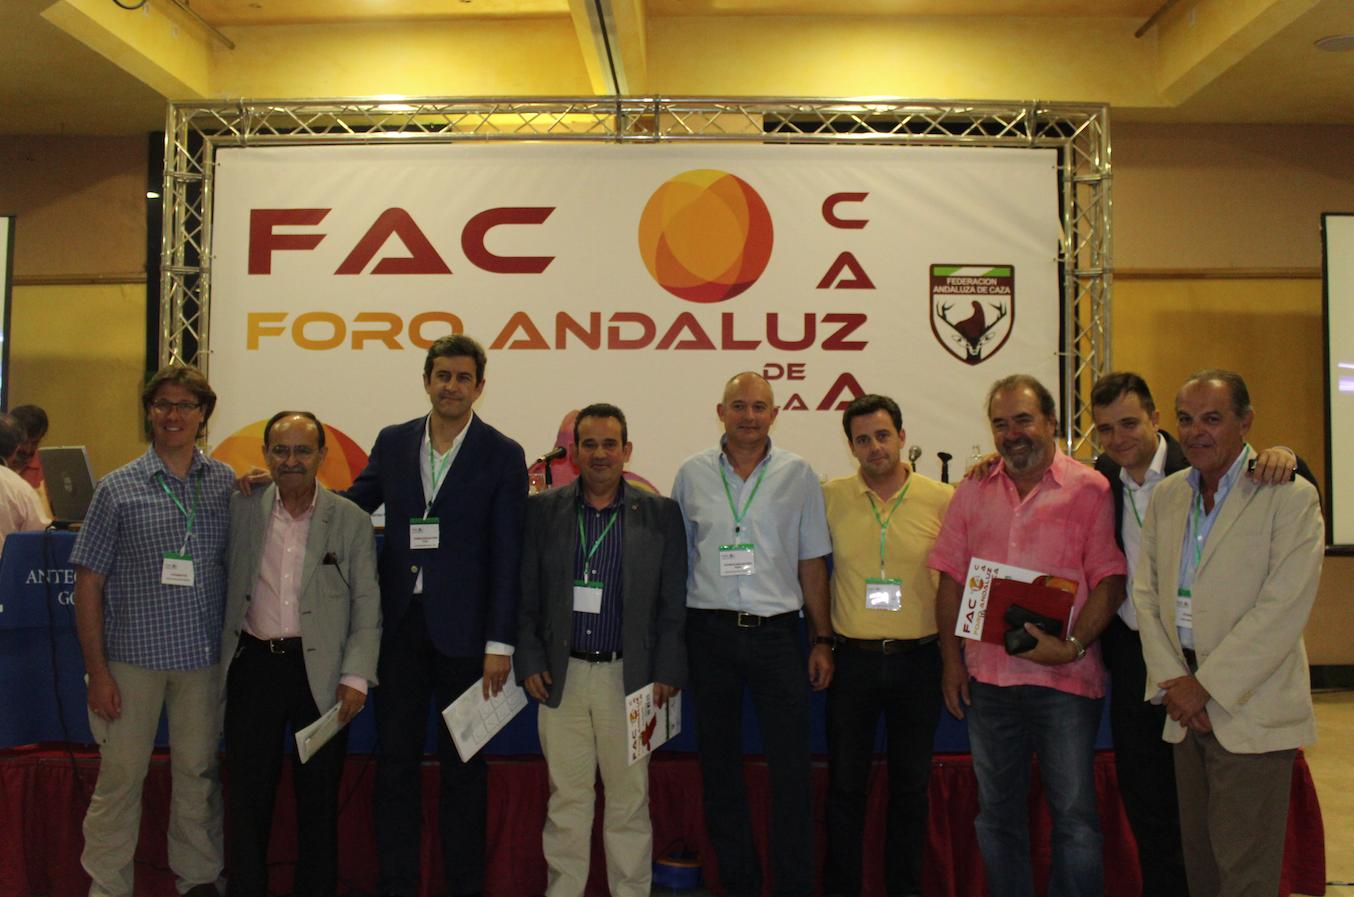 El I Foro Andaluz de la Caza se estrena con éxito y gran aceptación entre el público